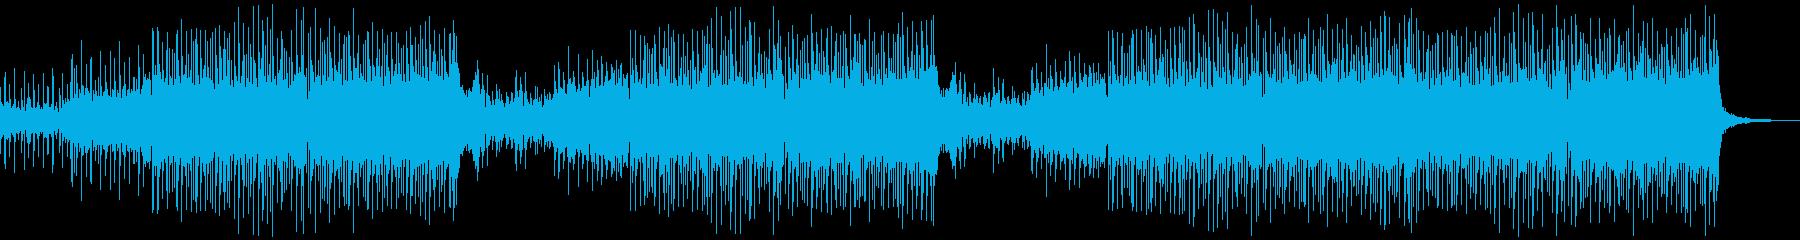 【メロなし】かっこいい和風EDMの再生済みの波形